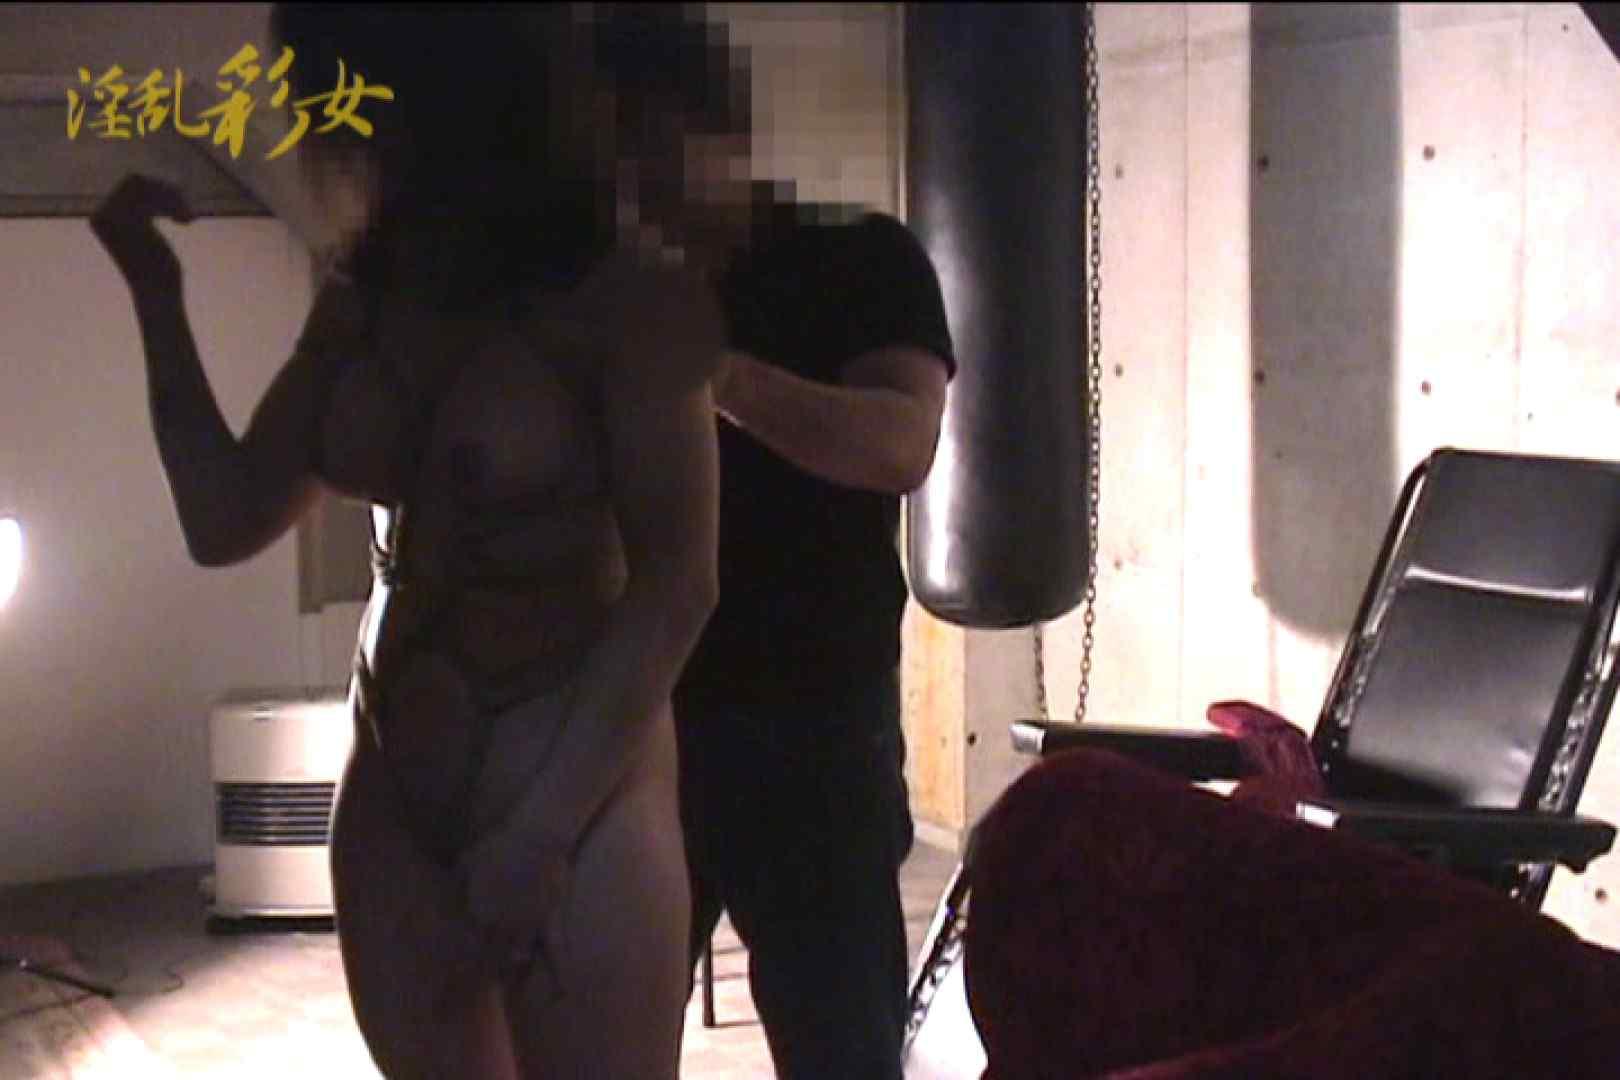 淫乱彩女 麻優里 スタジオで撮影 可愛い乳首 | 一般投稿  99pic 13